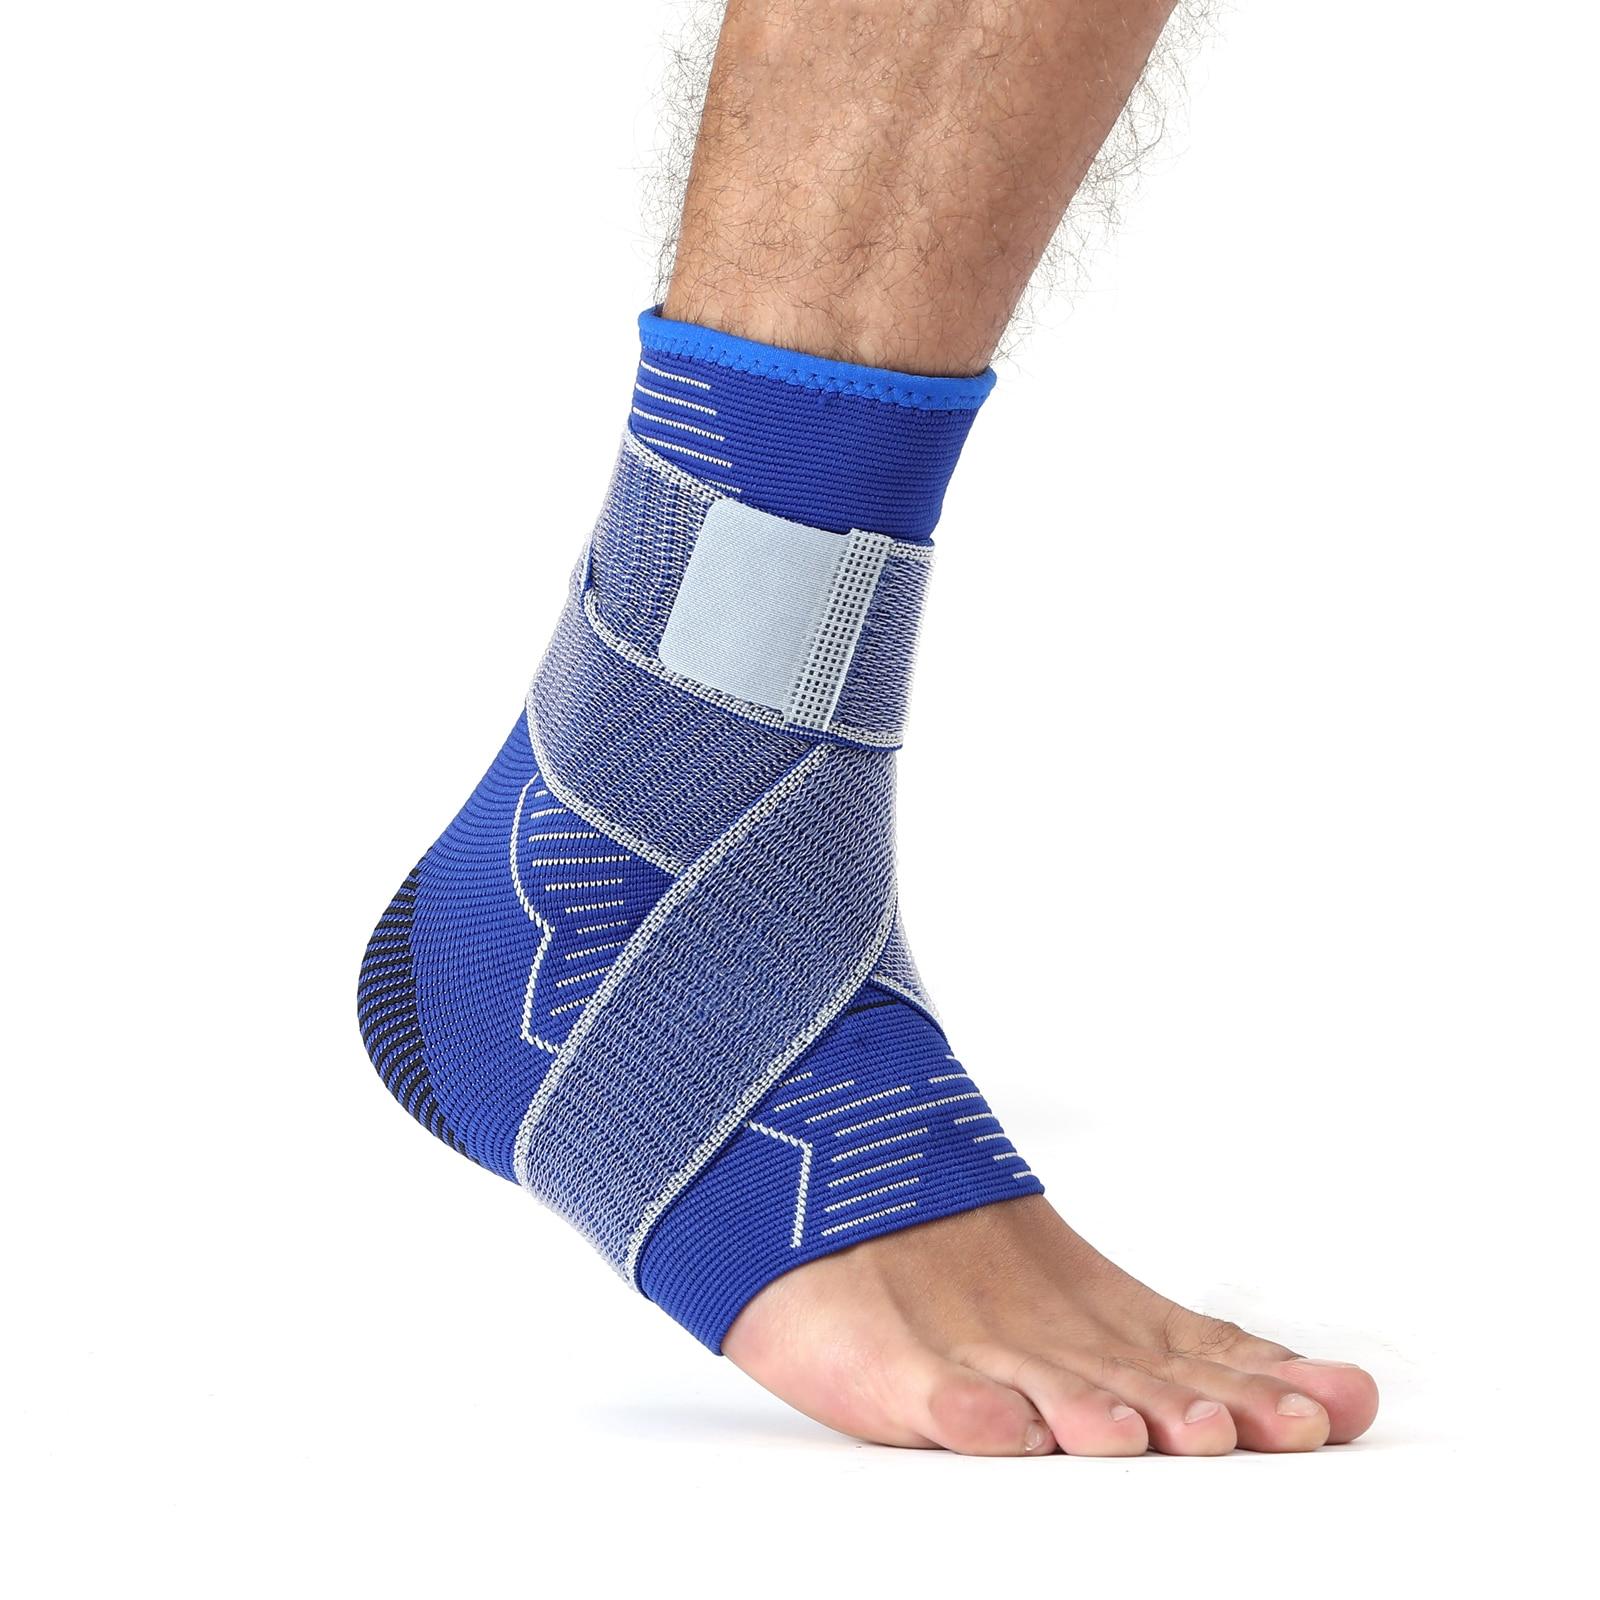 Azul novo tricô compressão tornozelo suporte manga cinta, proteção para os pés com alça antiderrapante, para esportes fitness, homem e mulher